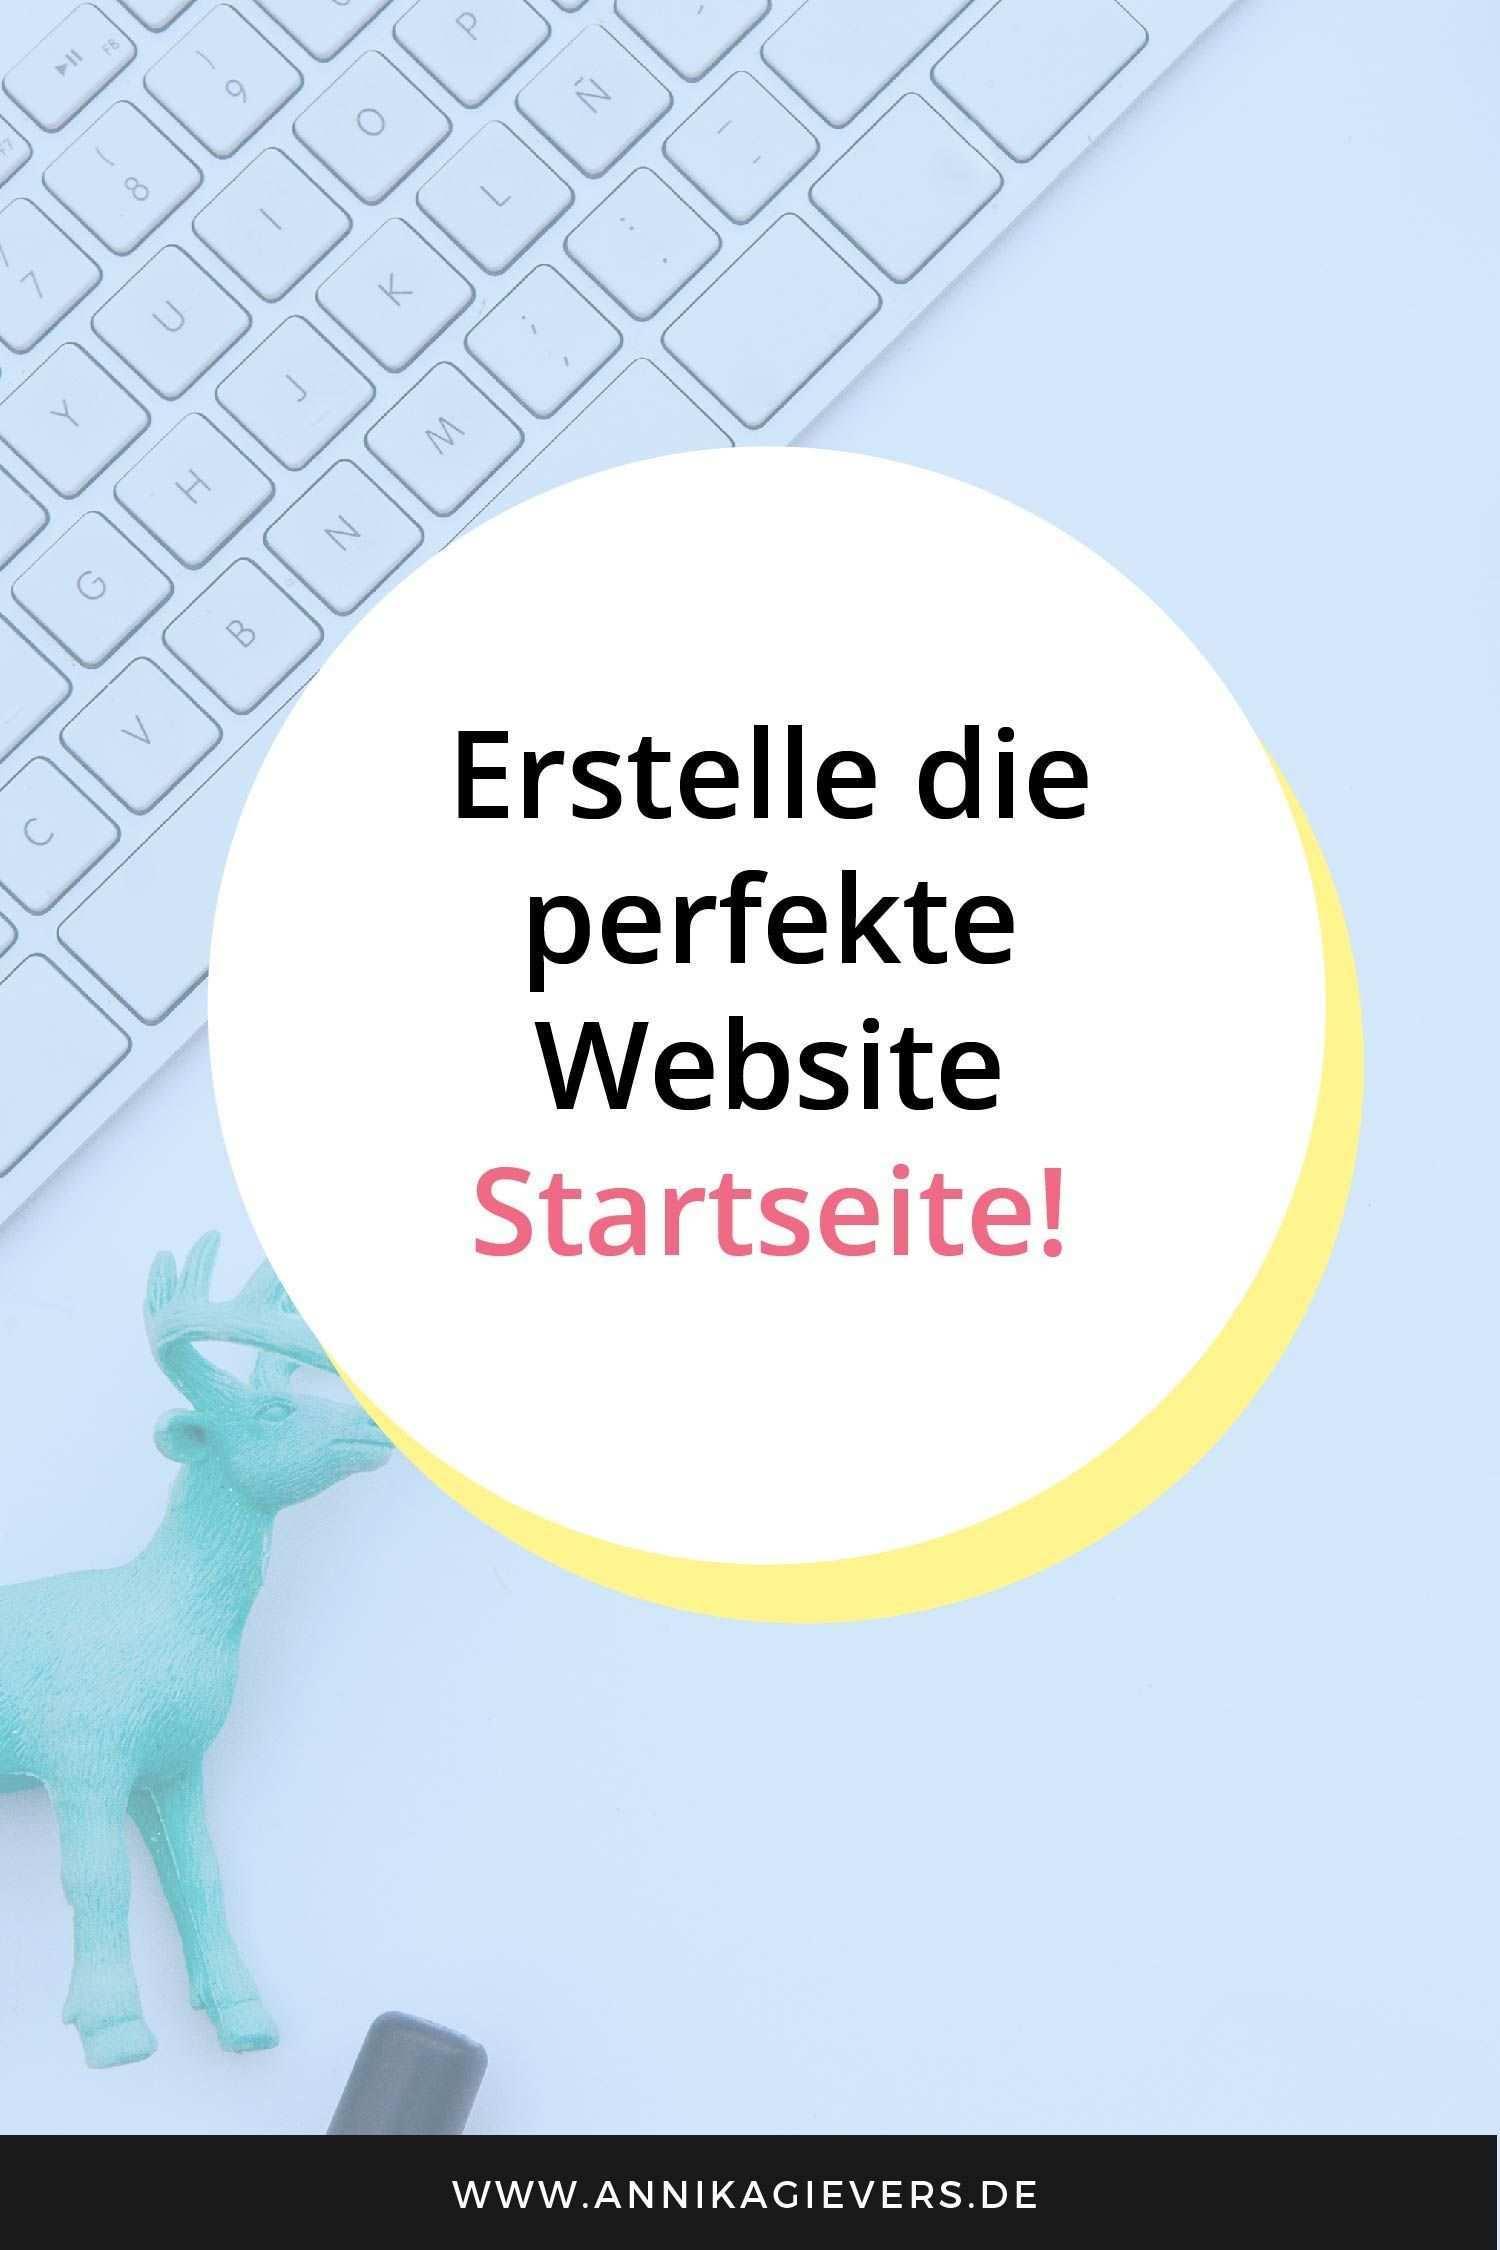 3 Essentielle Tipps Fur Eine Gute Startseite Webdesignerin Annika Gievers Startseiten Eigene Website Erstellen Erfolgsfaktoren